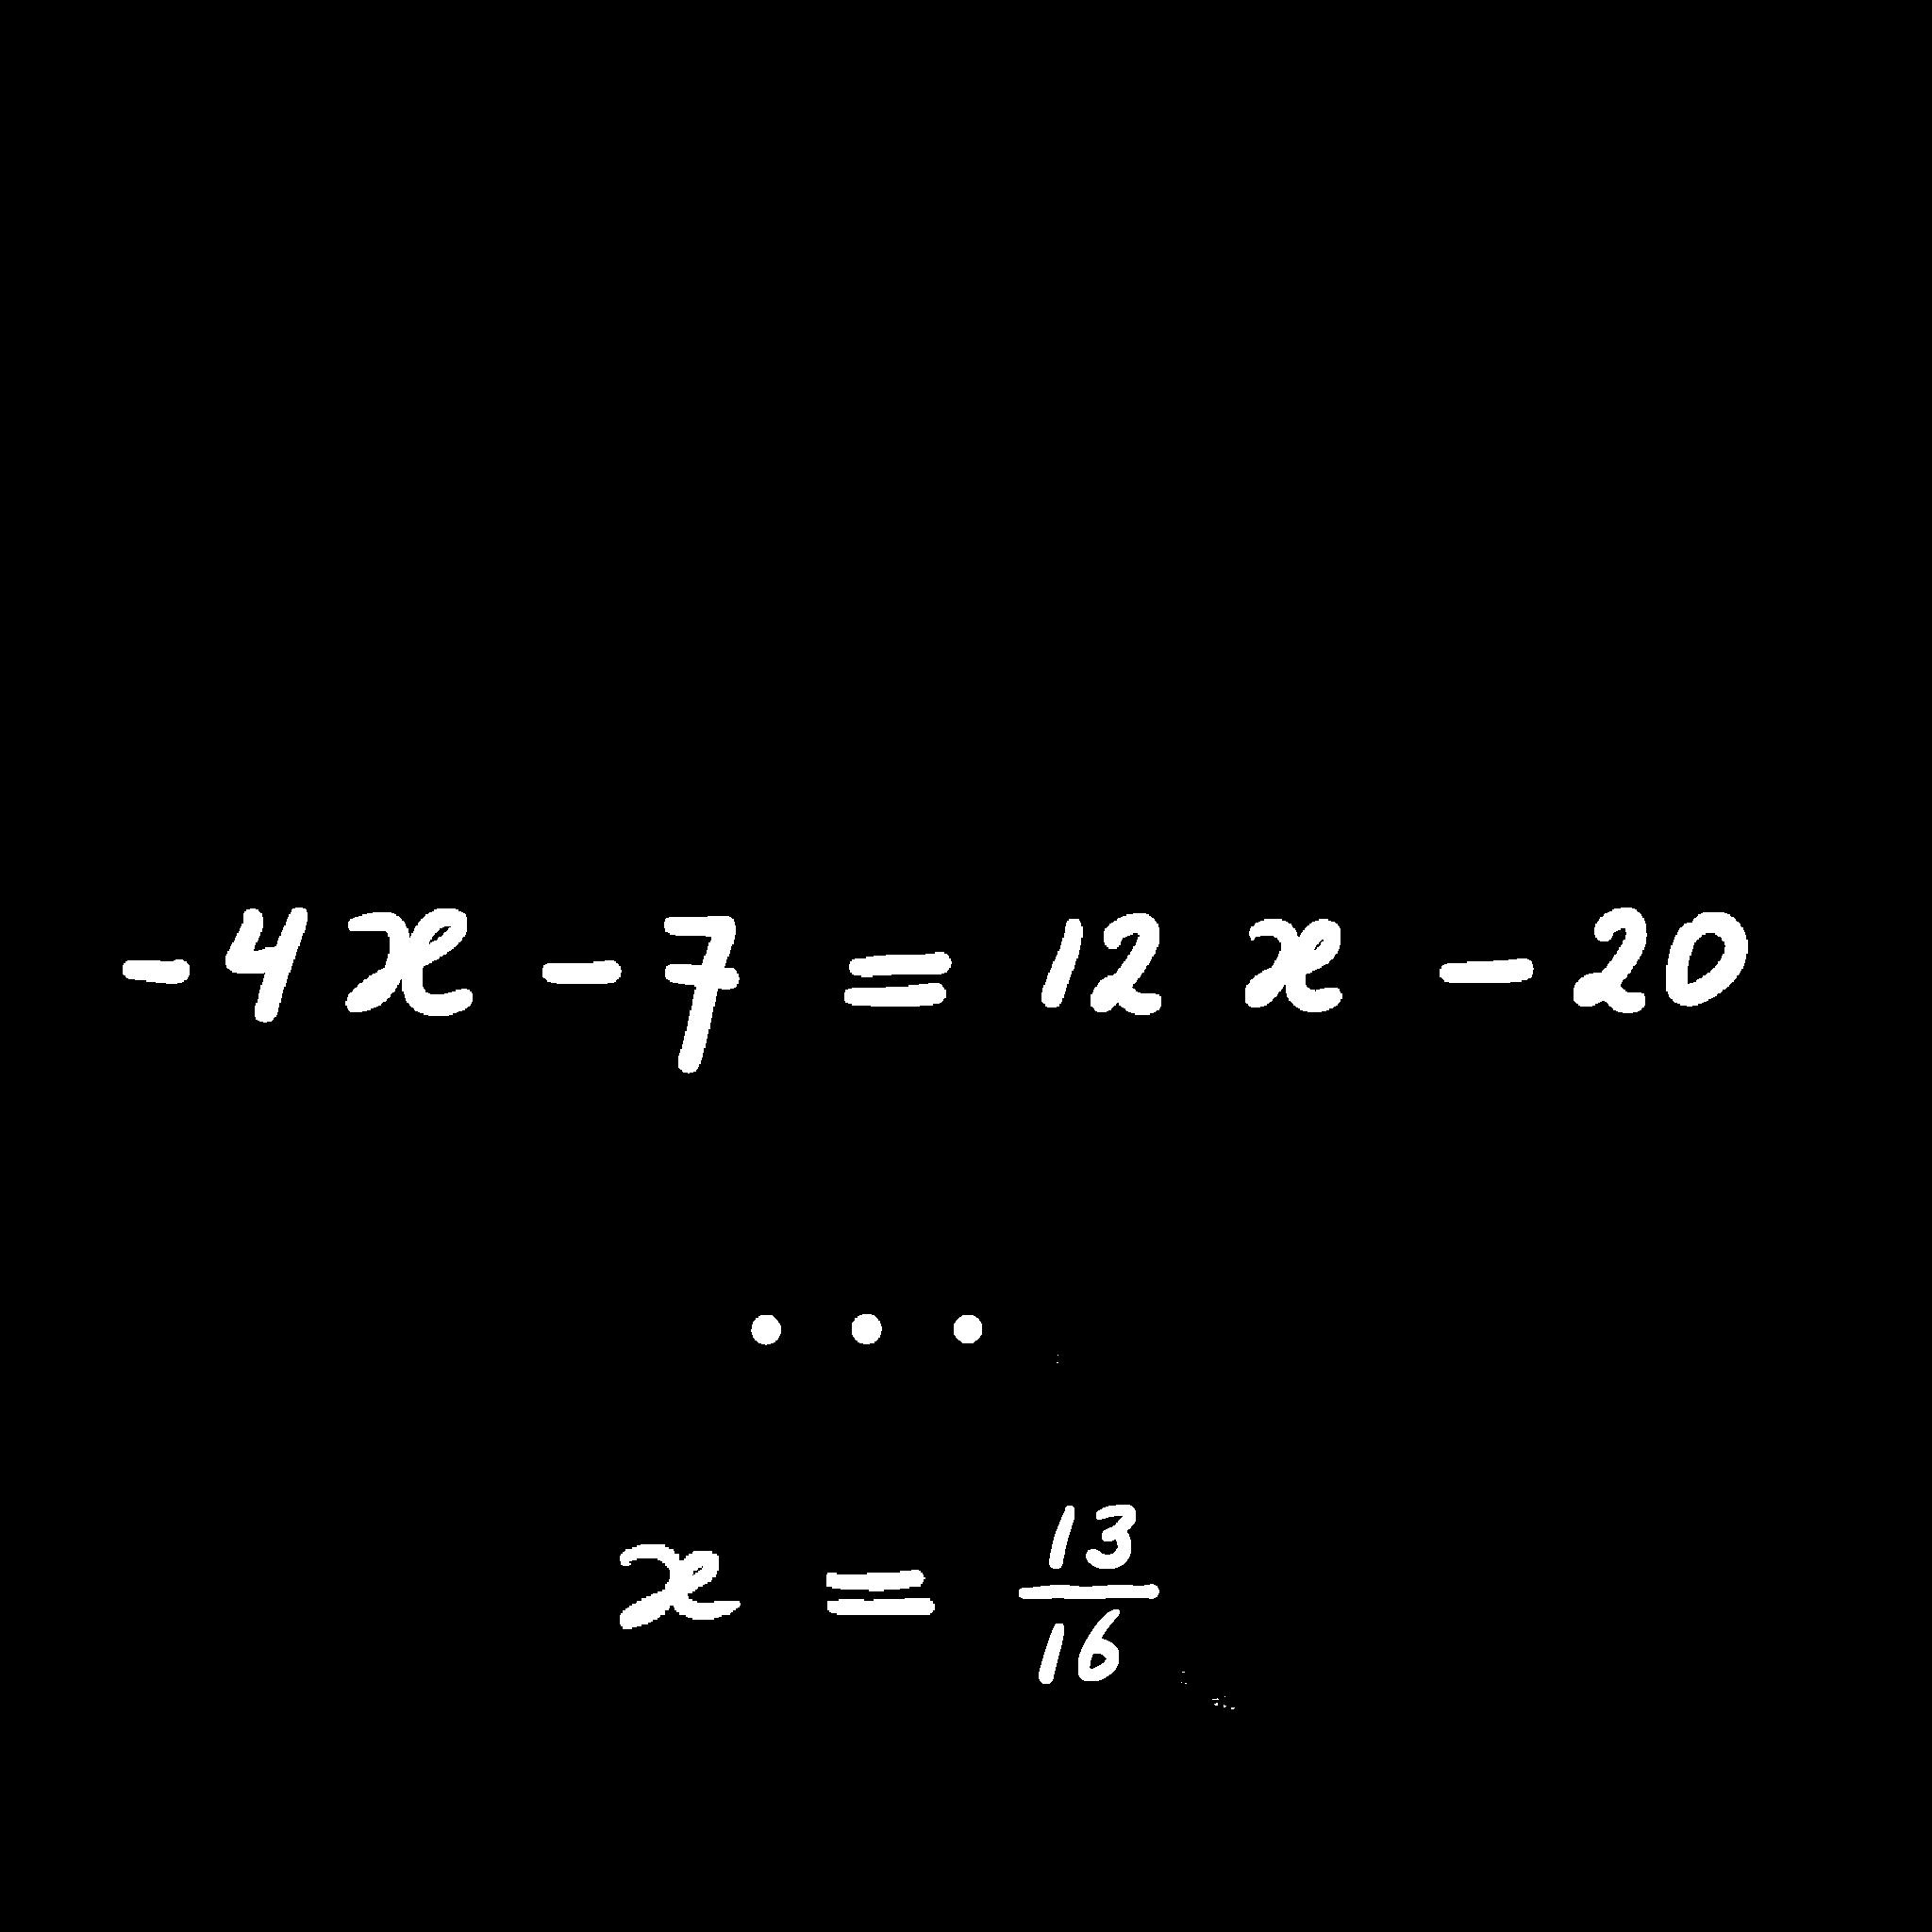 lineaire vergelijkingen oplossen